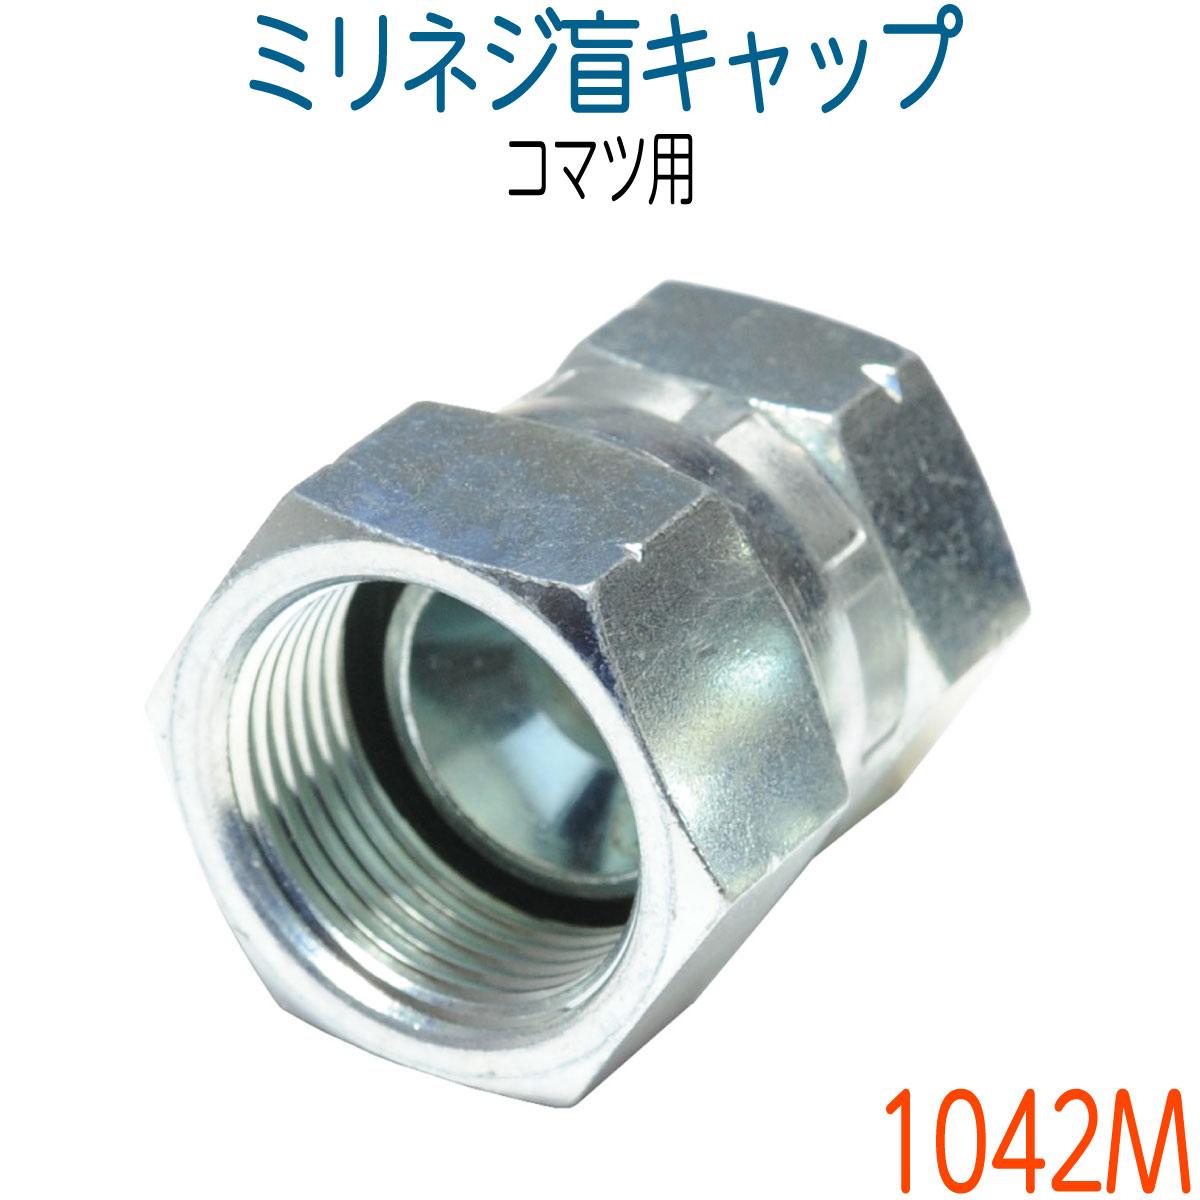 画像1: 1042M ミリネジ盲キャップ (コマツ用)各サイズ  (1)